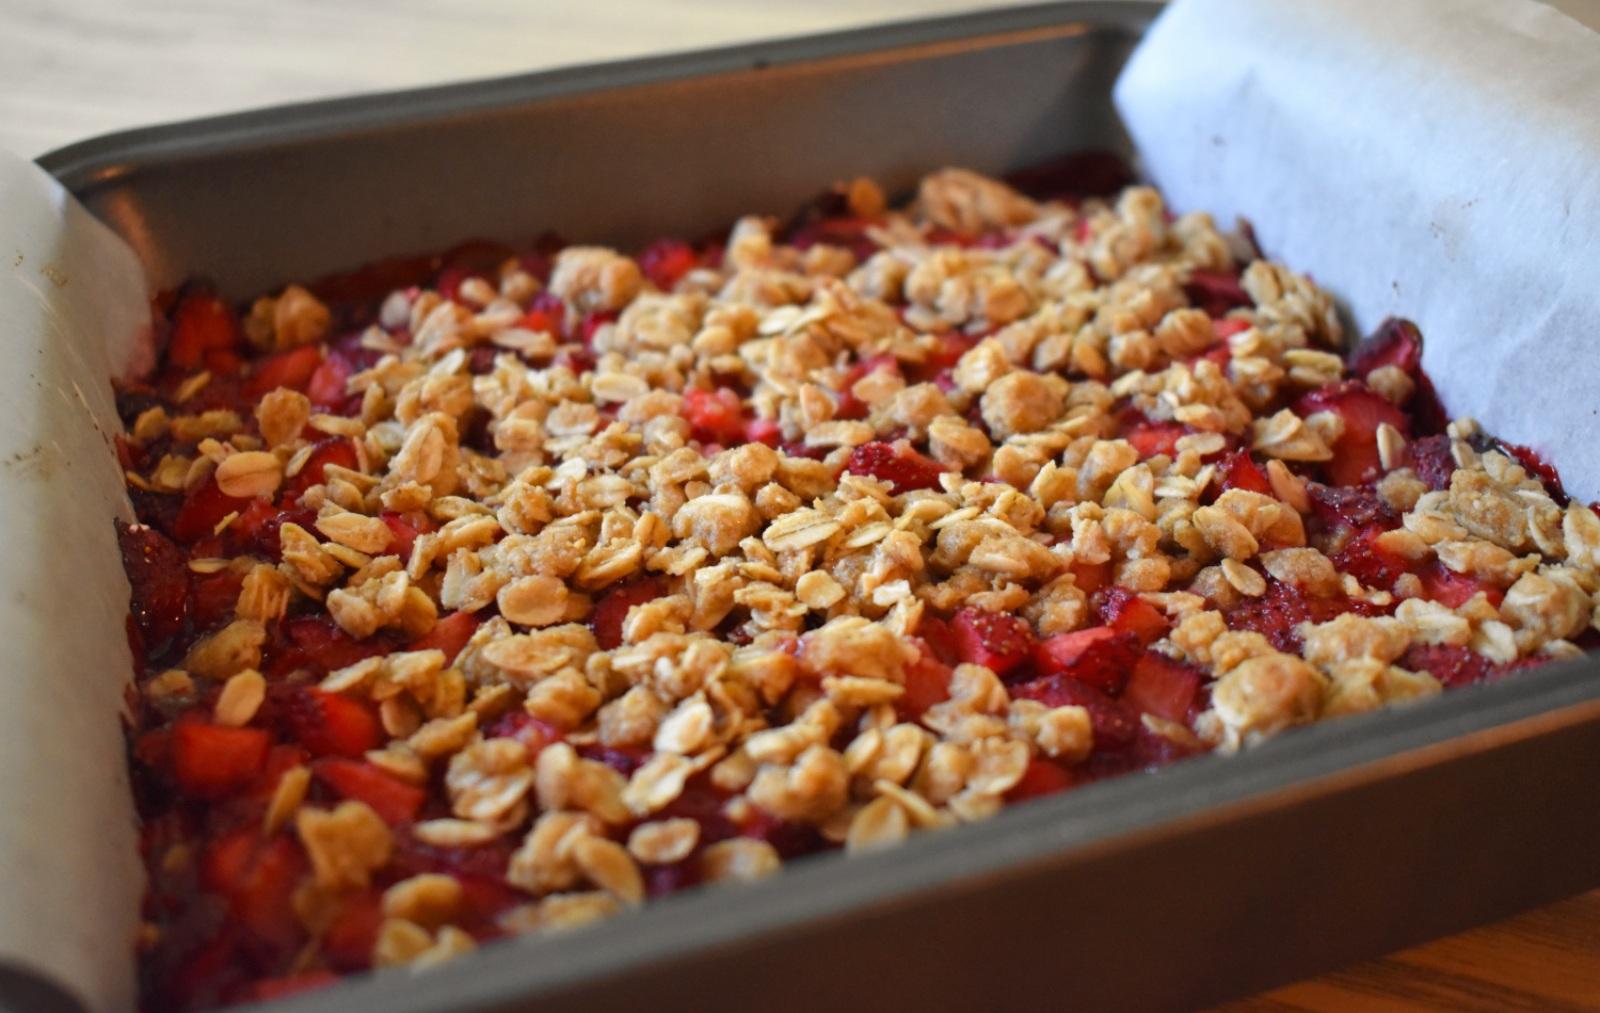 Carrés aux fraises style croustade - Auboutdelalangue.com (6)